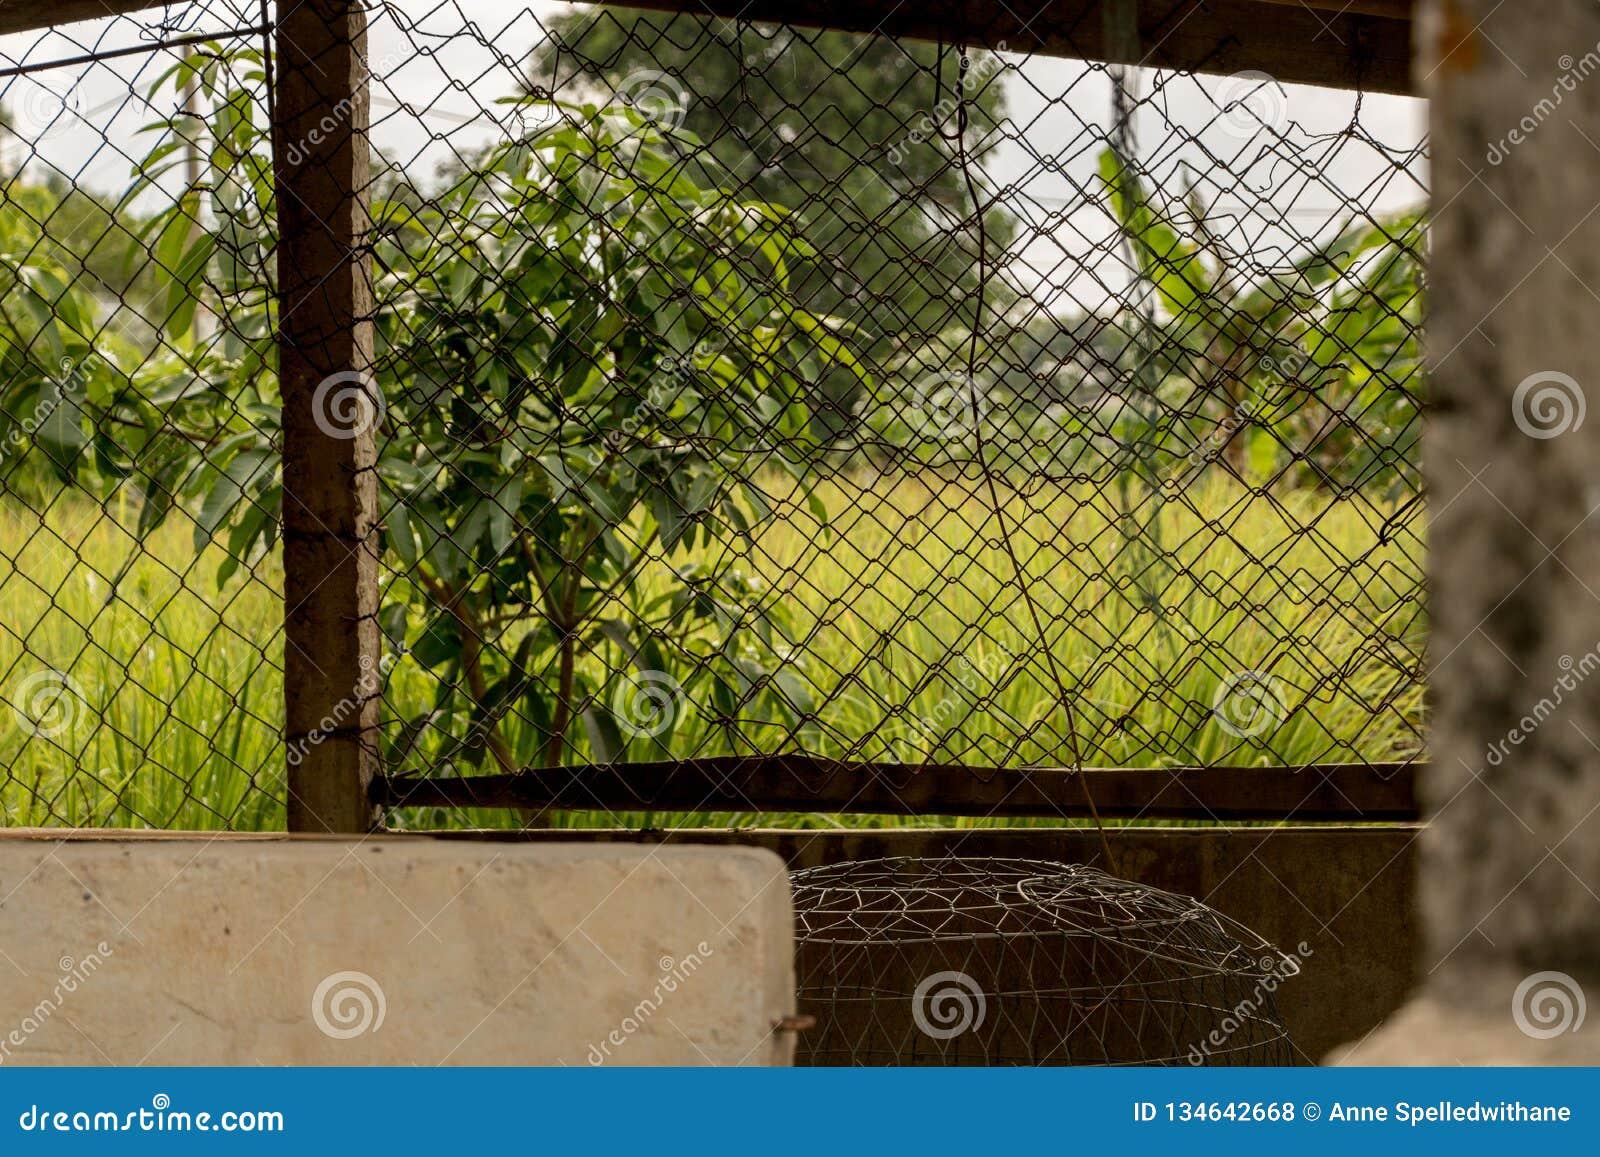 Grillage - Cage De Poulet Abandonnée - Jardin Vert De ...